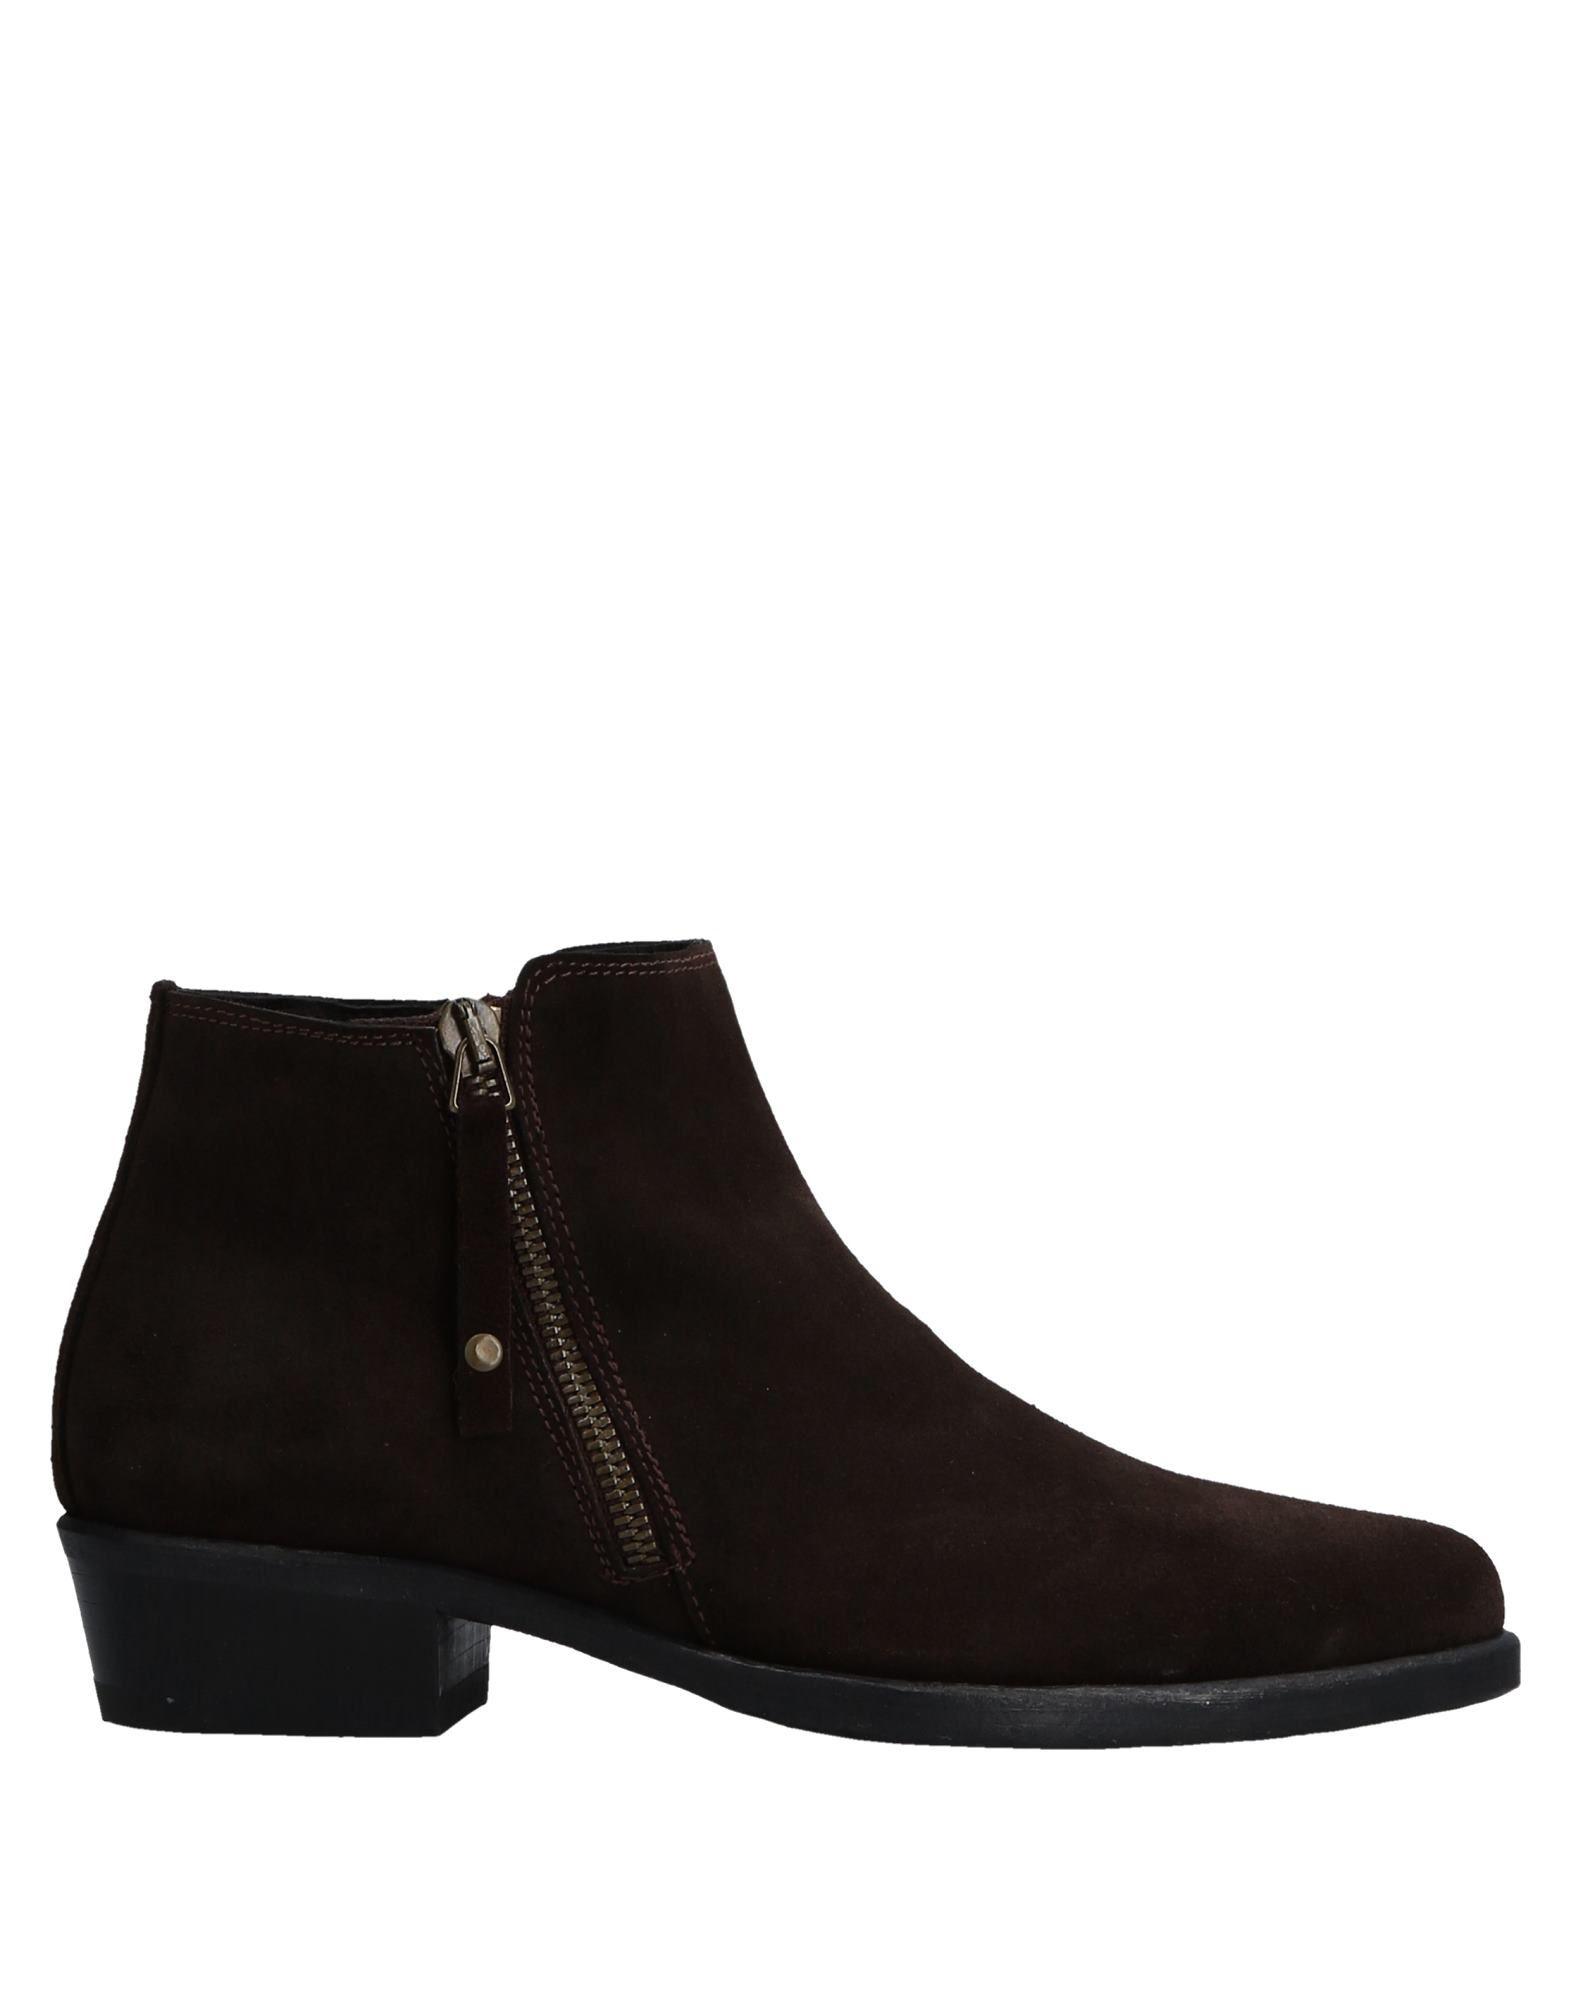 SEBOYS Ankle Boot in Dark Brown